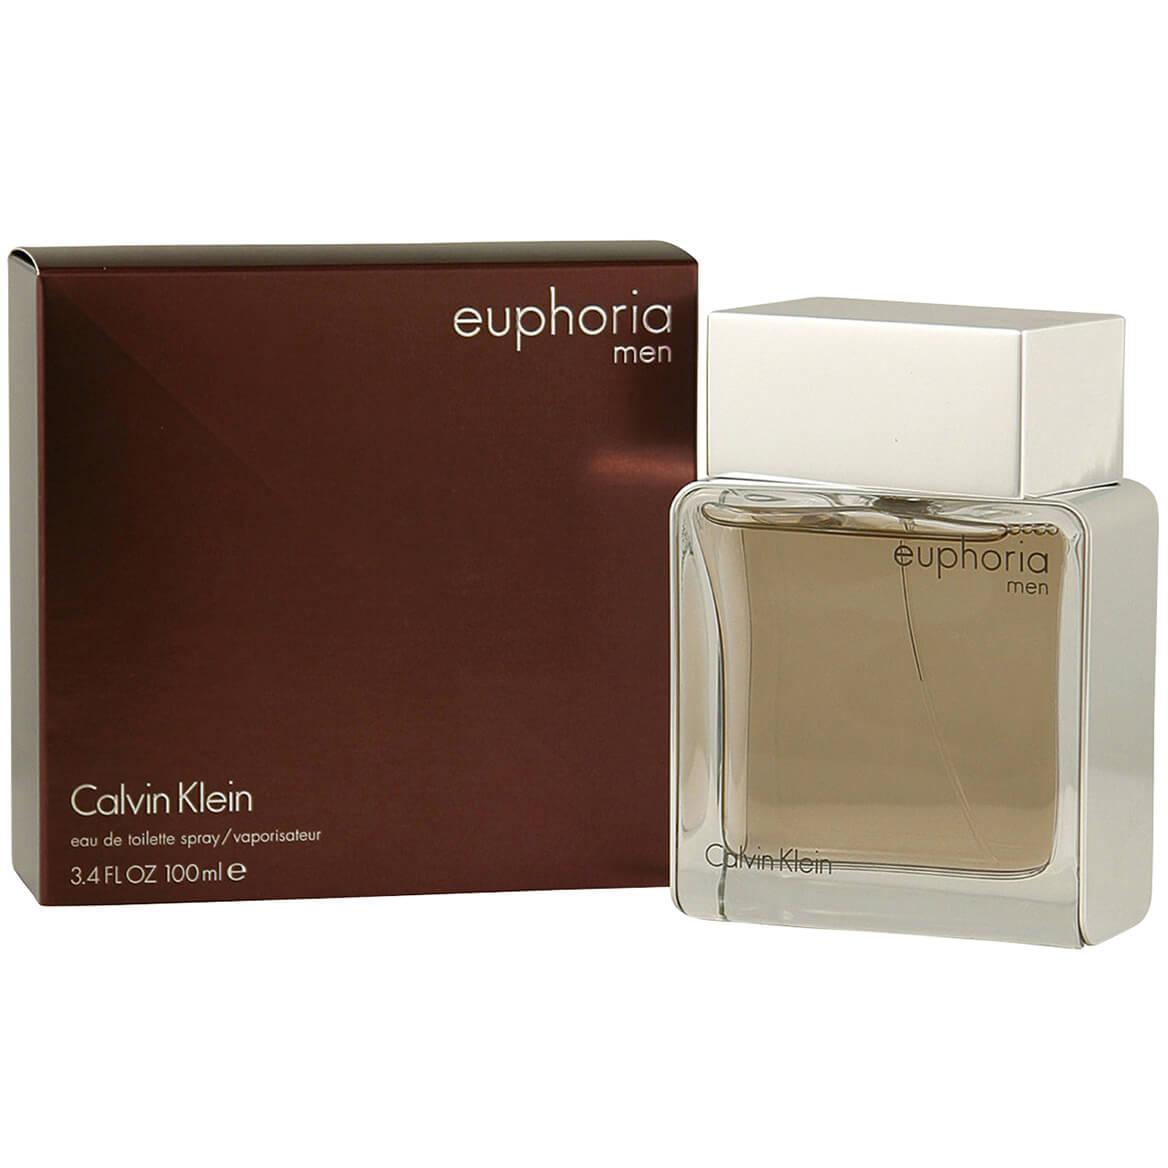 Calvin Klein Euphoria Men, EDT Spray 3.4oz-360288